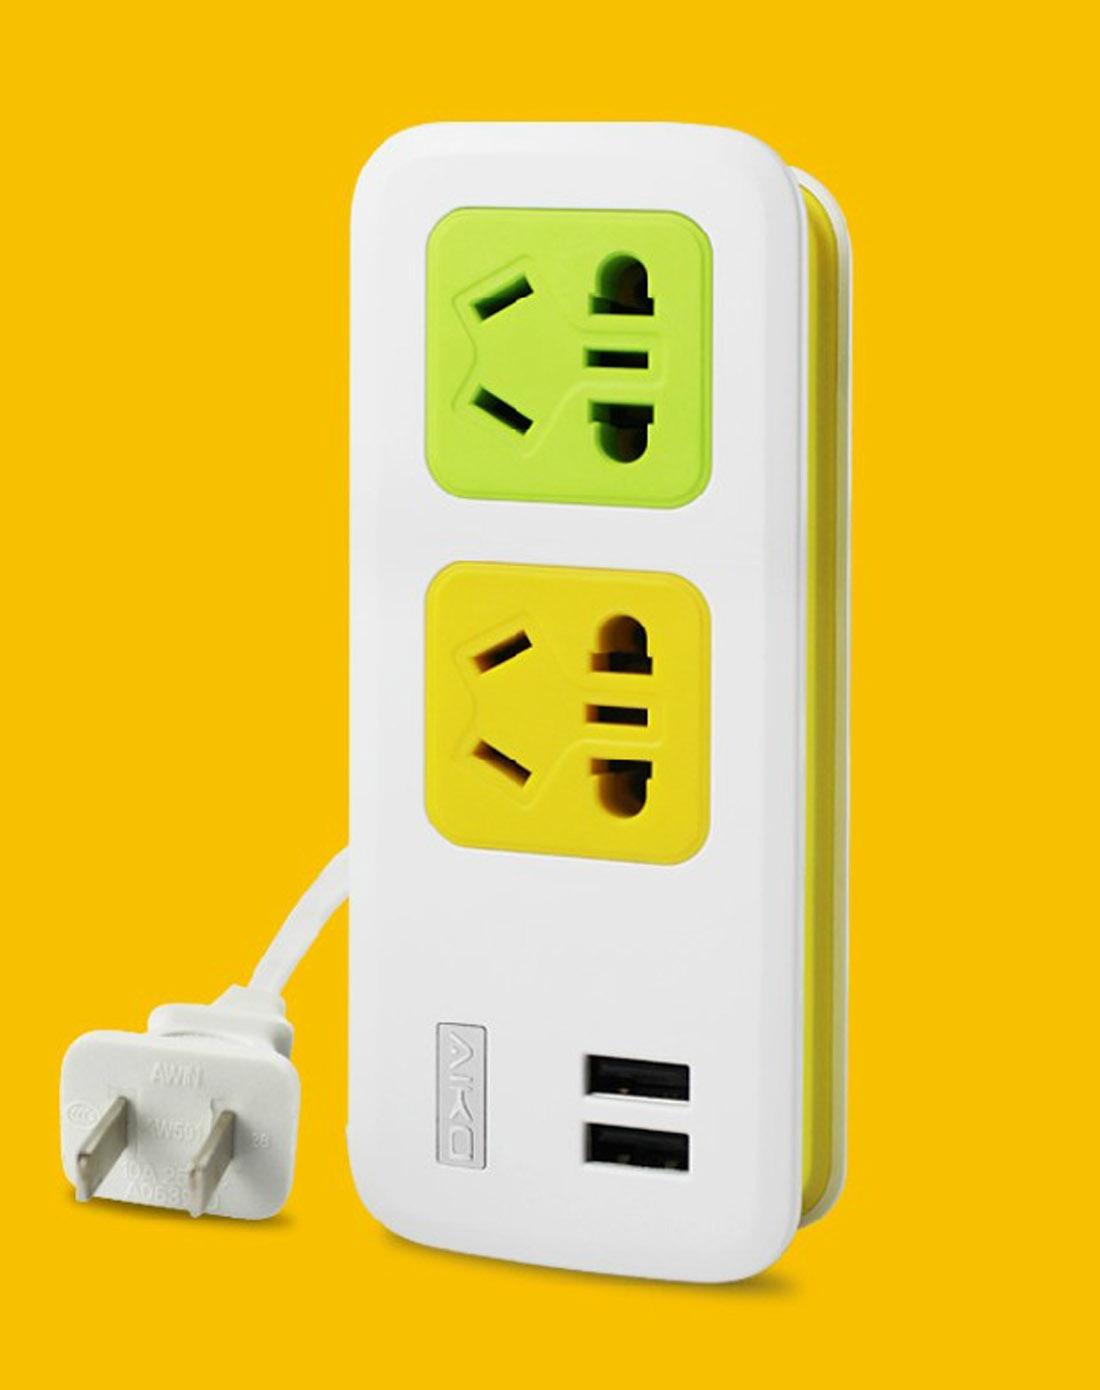 趣玩创意多功能智能usb插排充电器10287